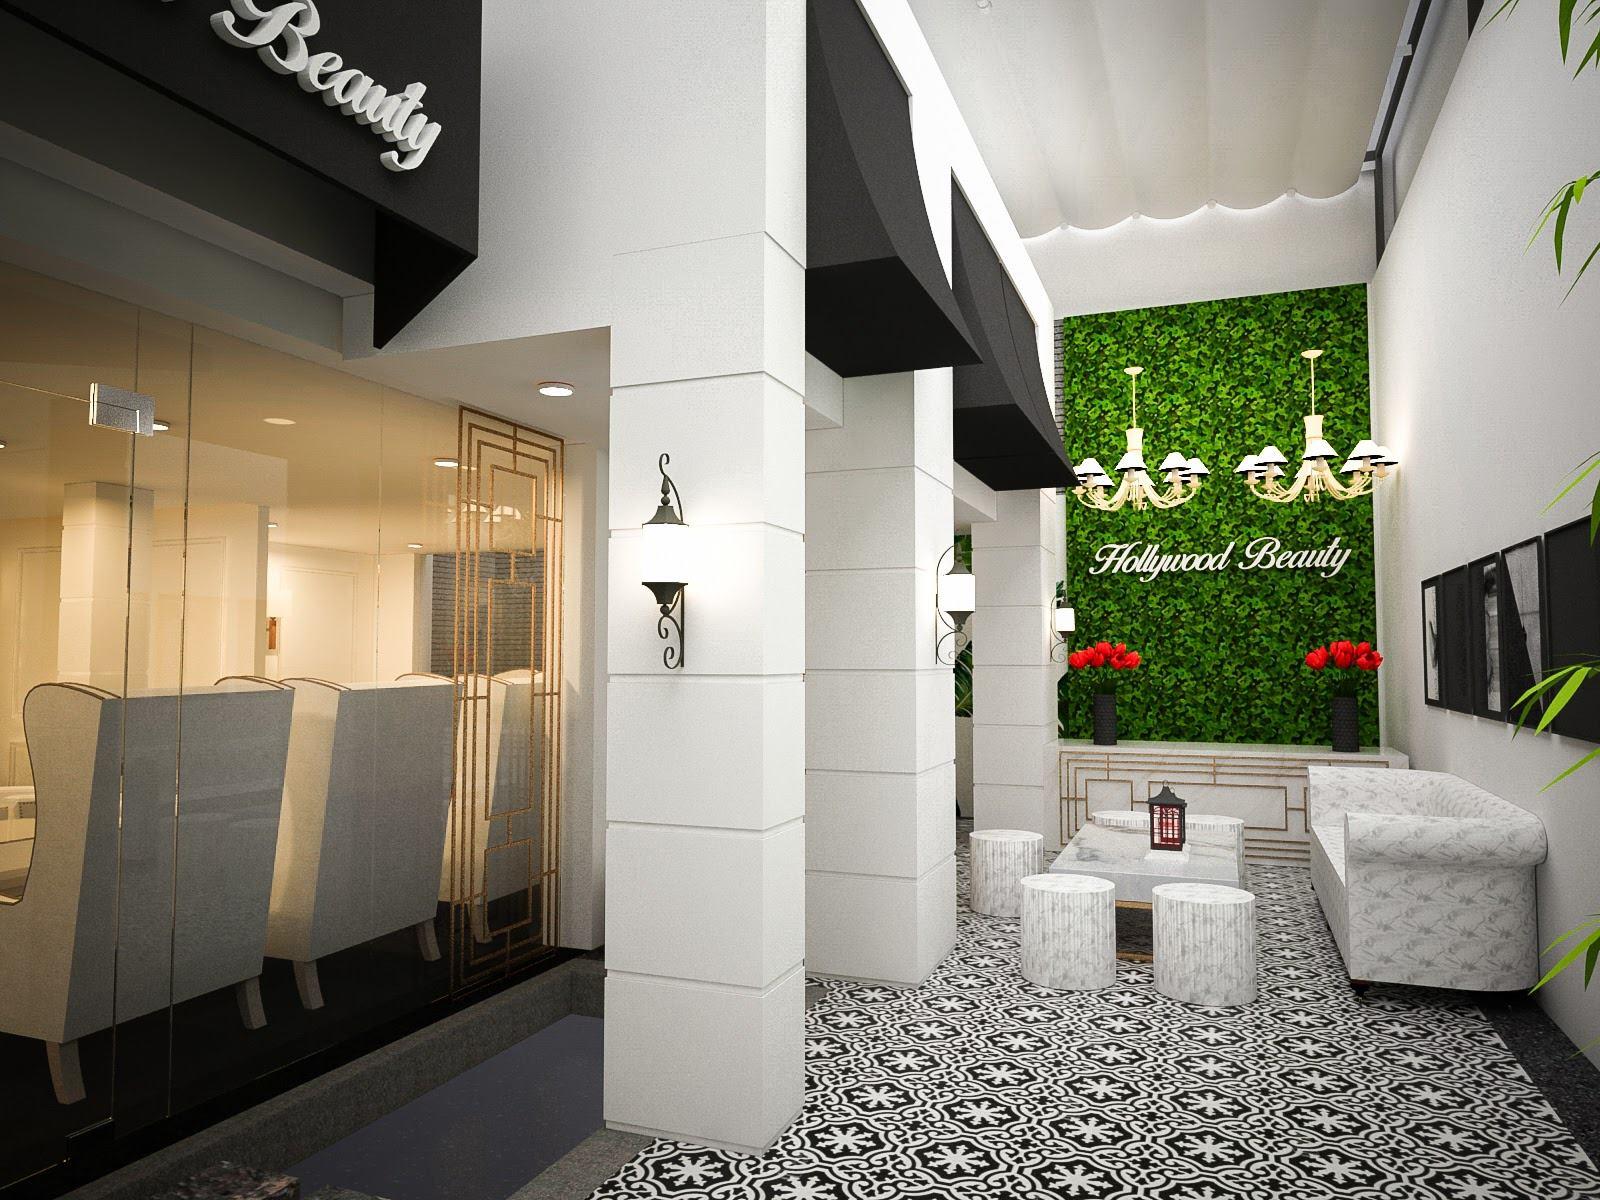 thiết kế nội thất Spa tại Hồ Chí Minh CẢI TẠO SPA - 06.2017 2 1534236525